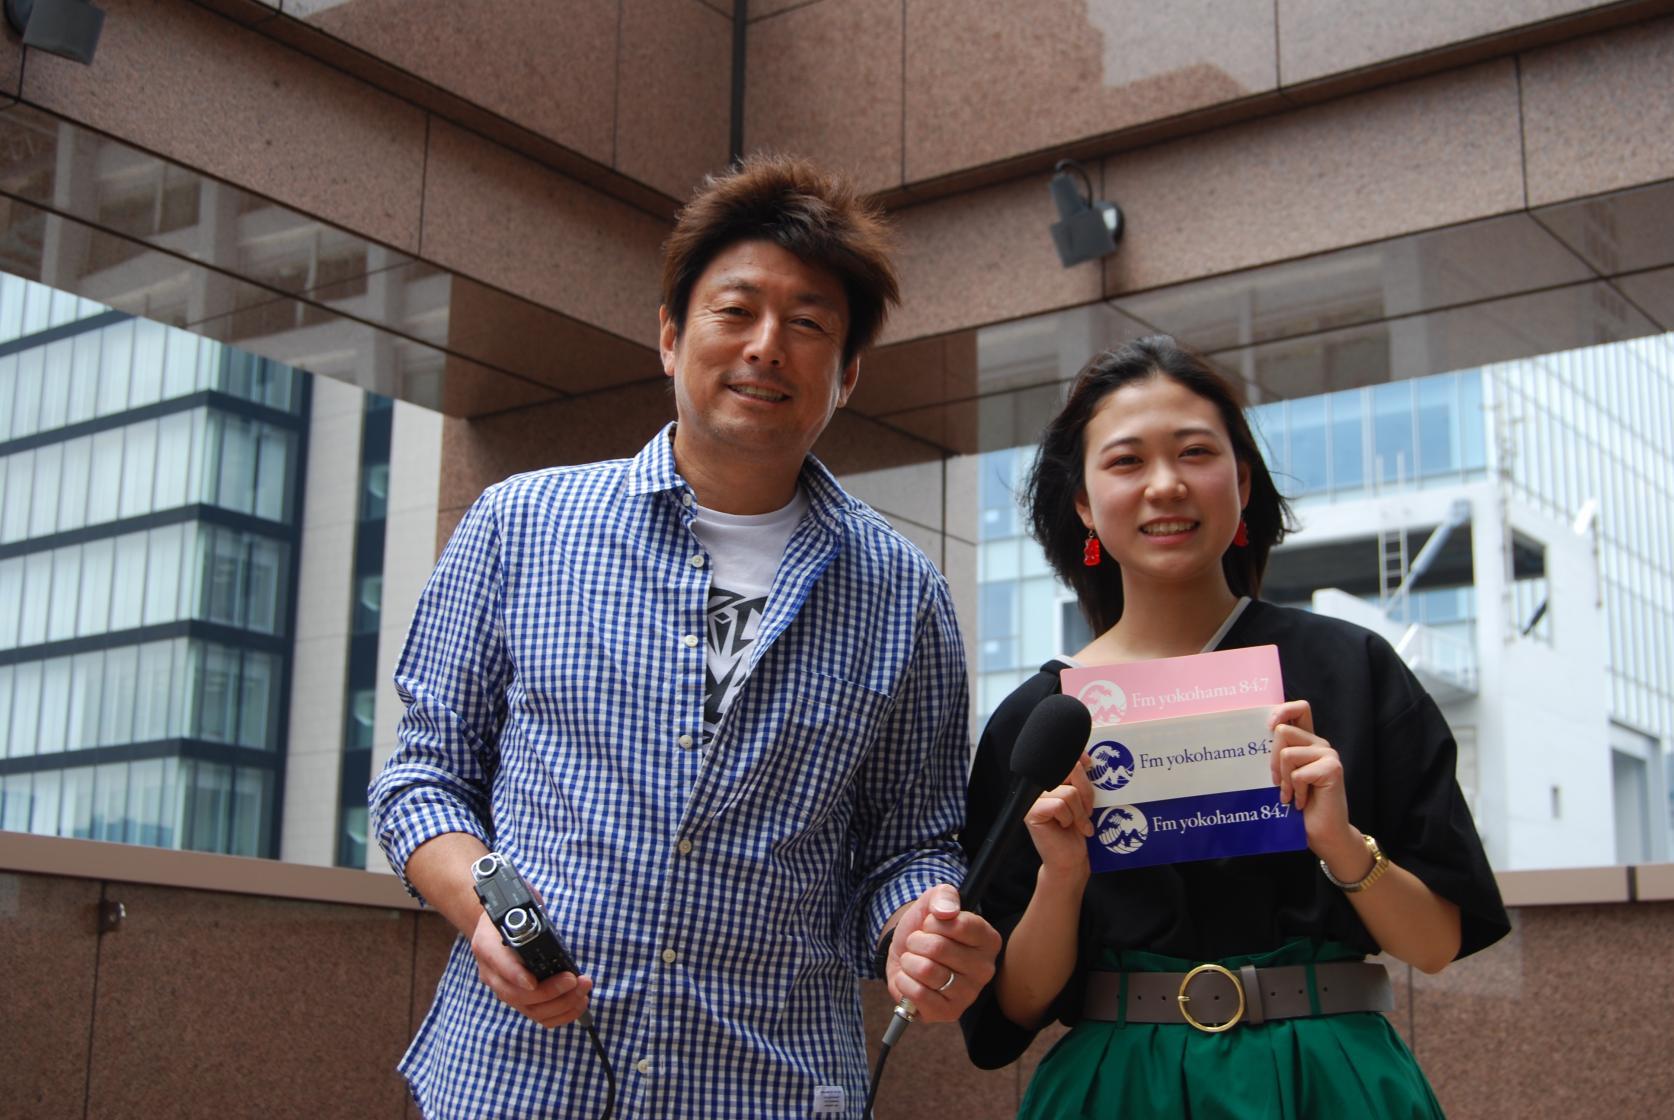 5月9日(水)21:45~FMヨコハマ「PRIME TIME」内「日本大学キャンパスインフォメーション」に建築学科の長島汐里さんが登場します!